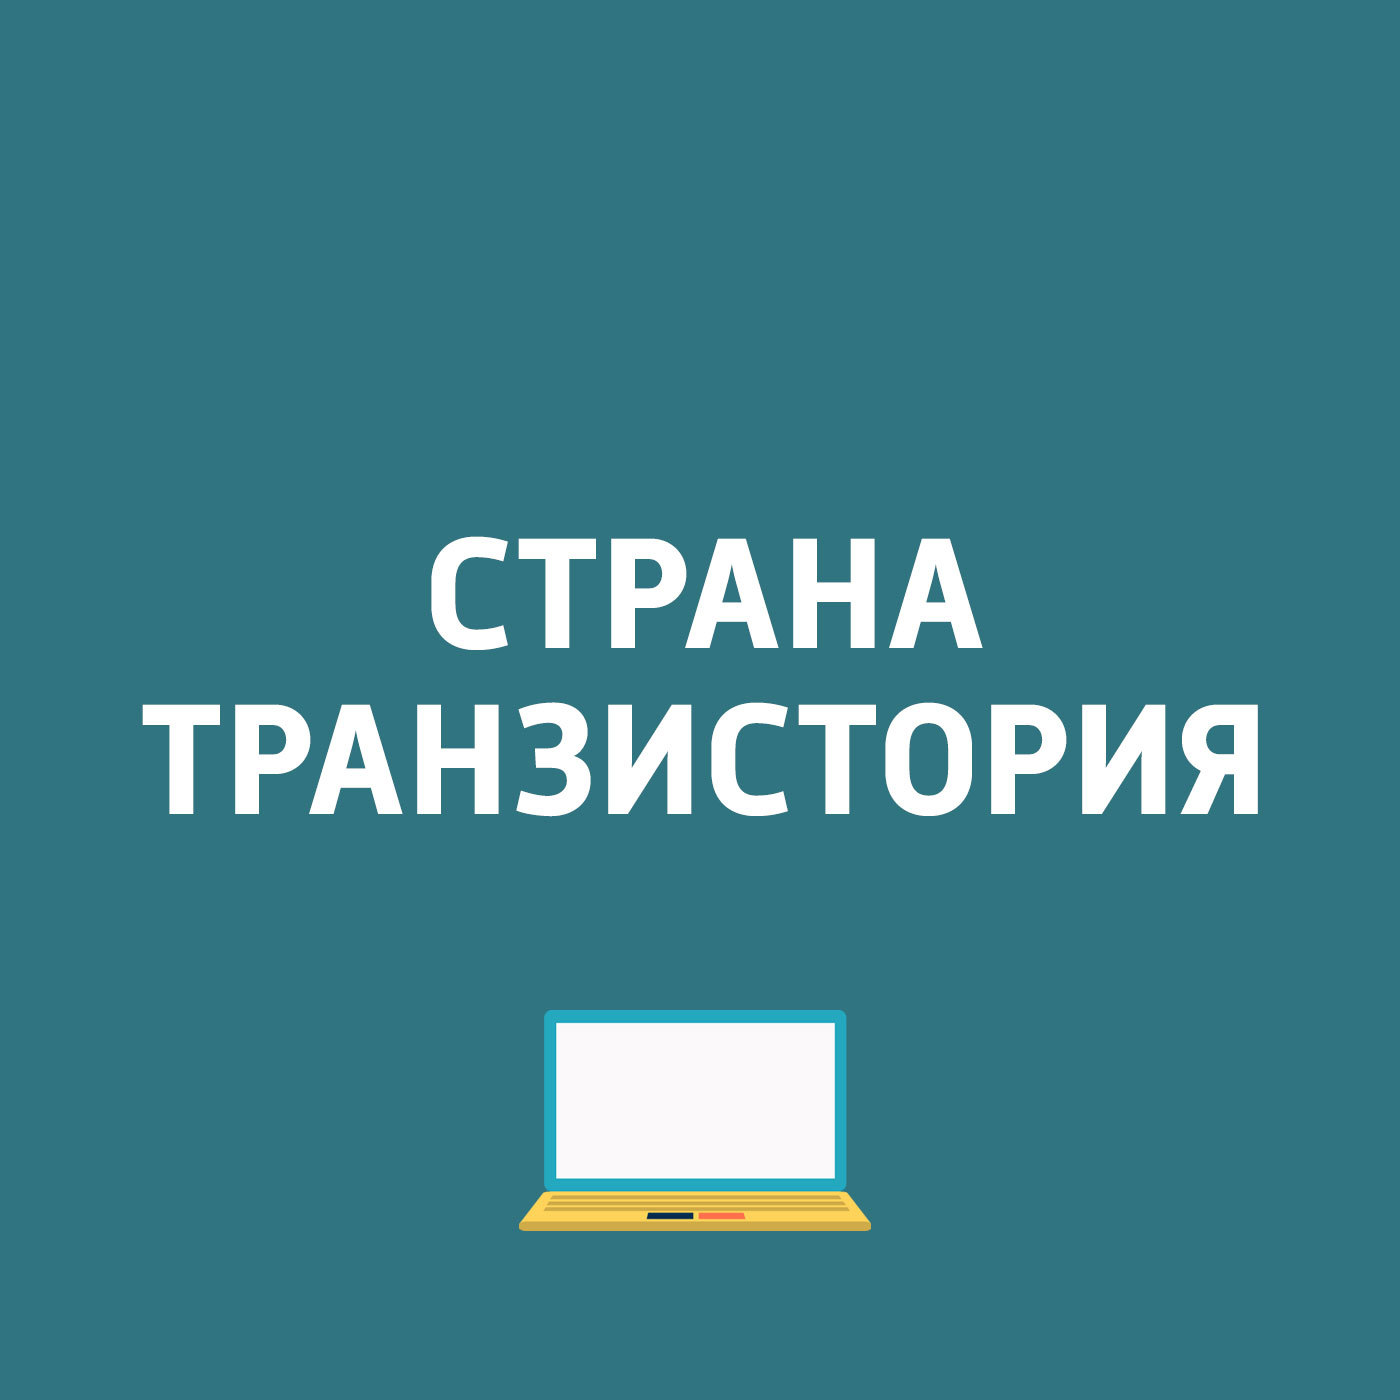 цены Картаев Павел Instagram представил функцию создания коллекций...